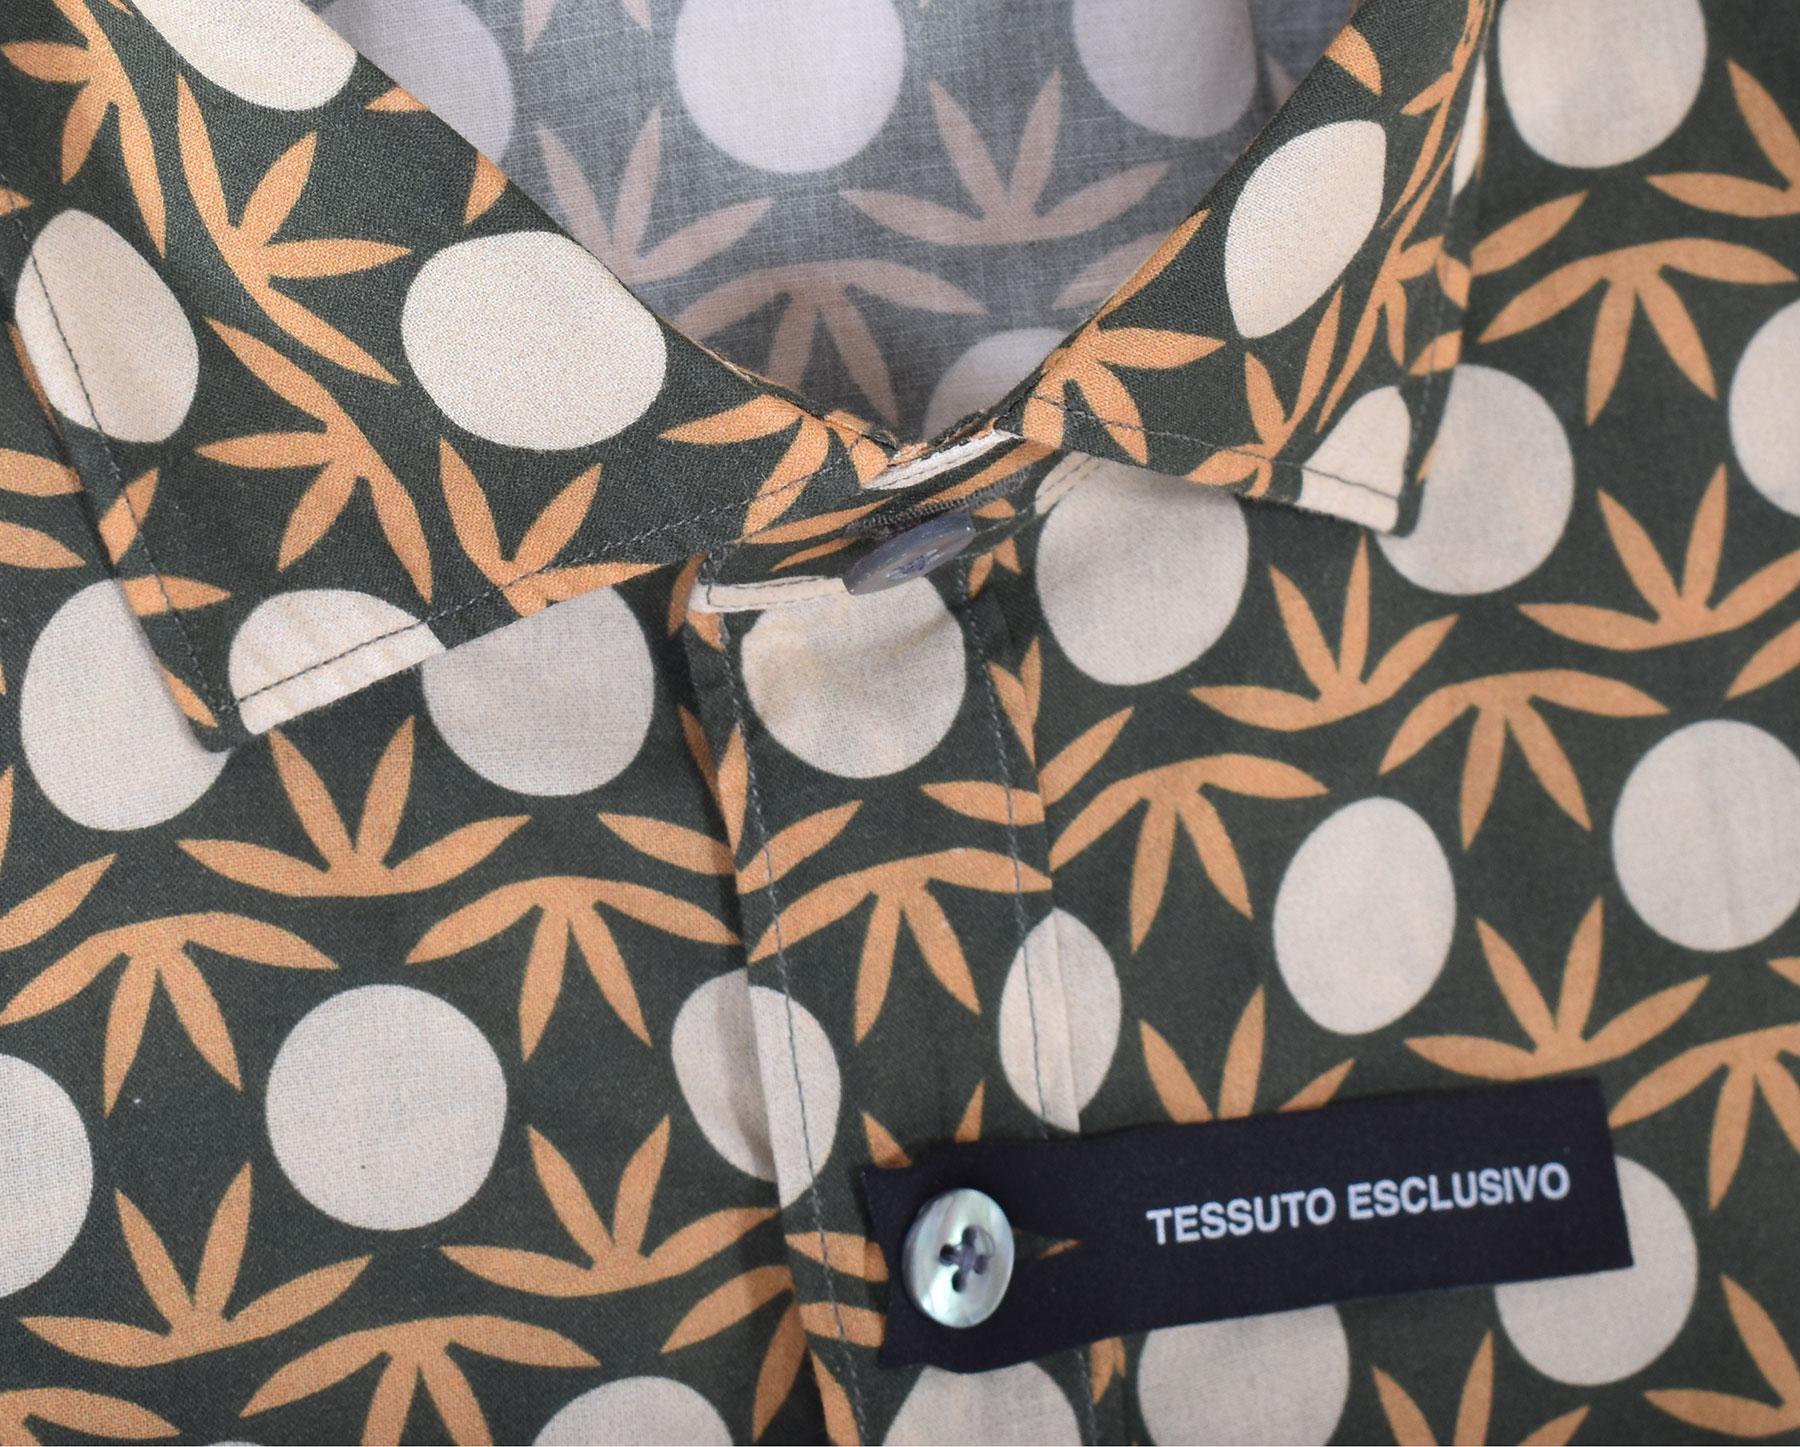 Camicia Bagutta berlino tessuto esclusivo BAGUTTA   10203680